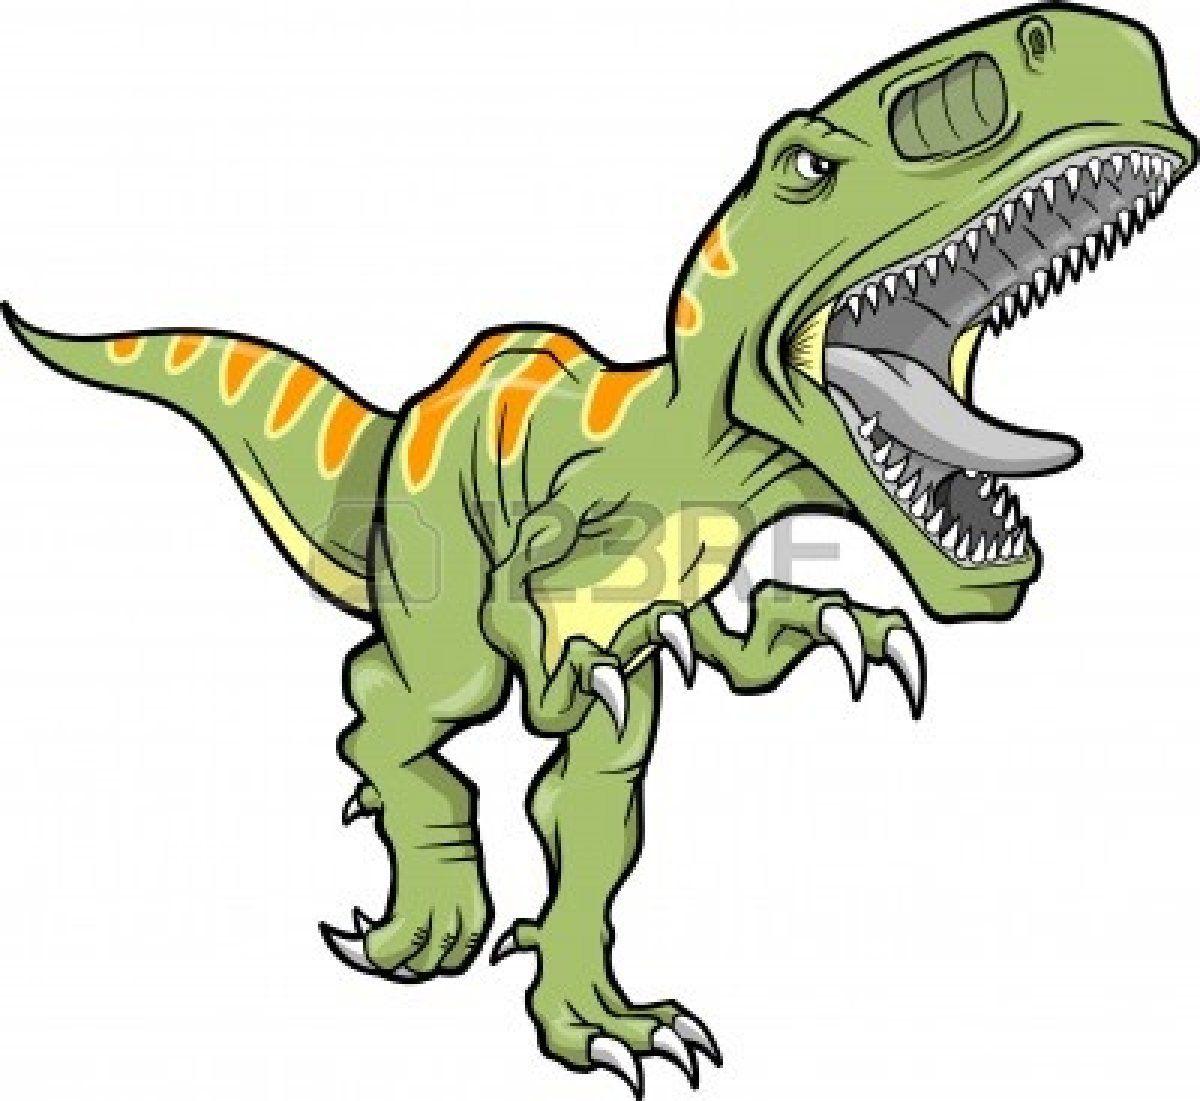 1200x1101 T Rex Dinosaur Clipart Toddler Homeschool Projects